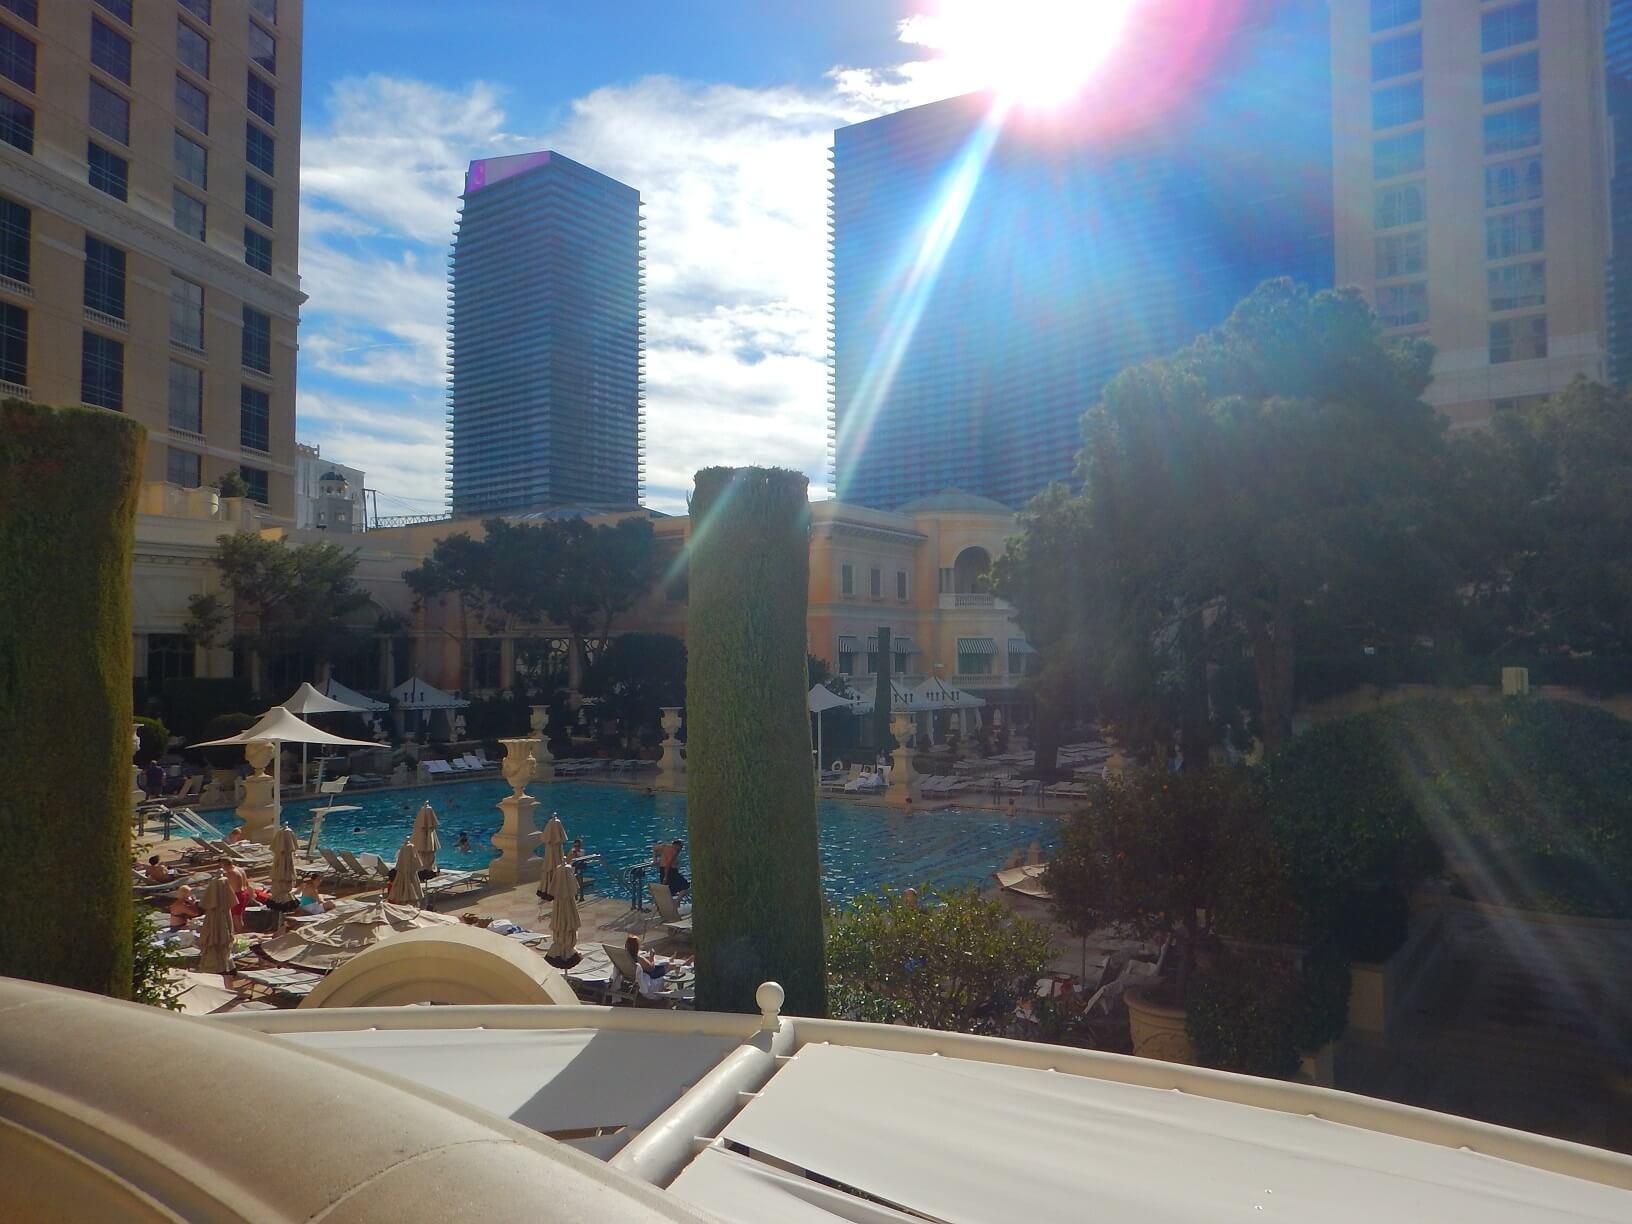 暑いのでプールで泳いでいる人もいた